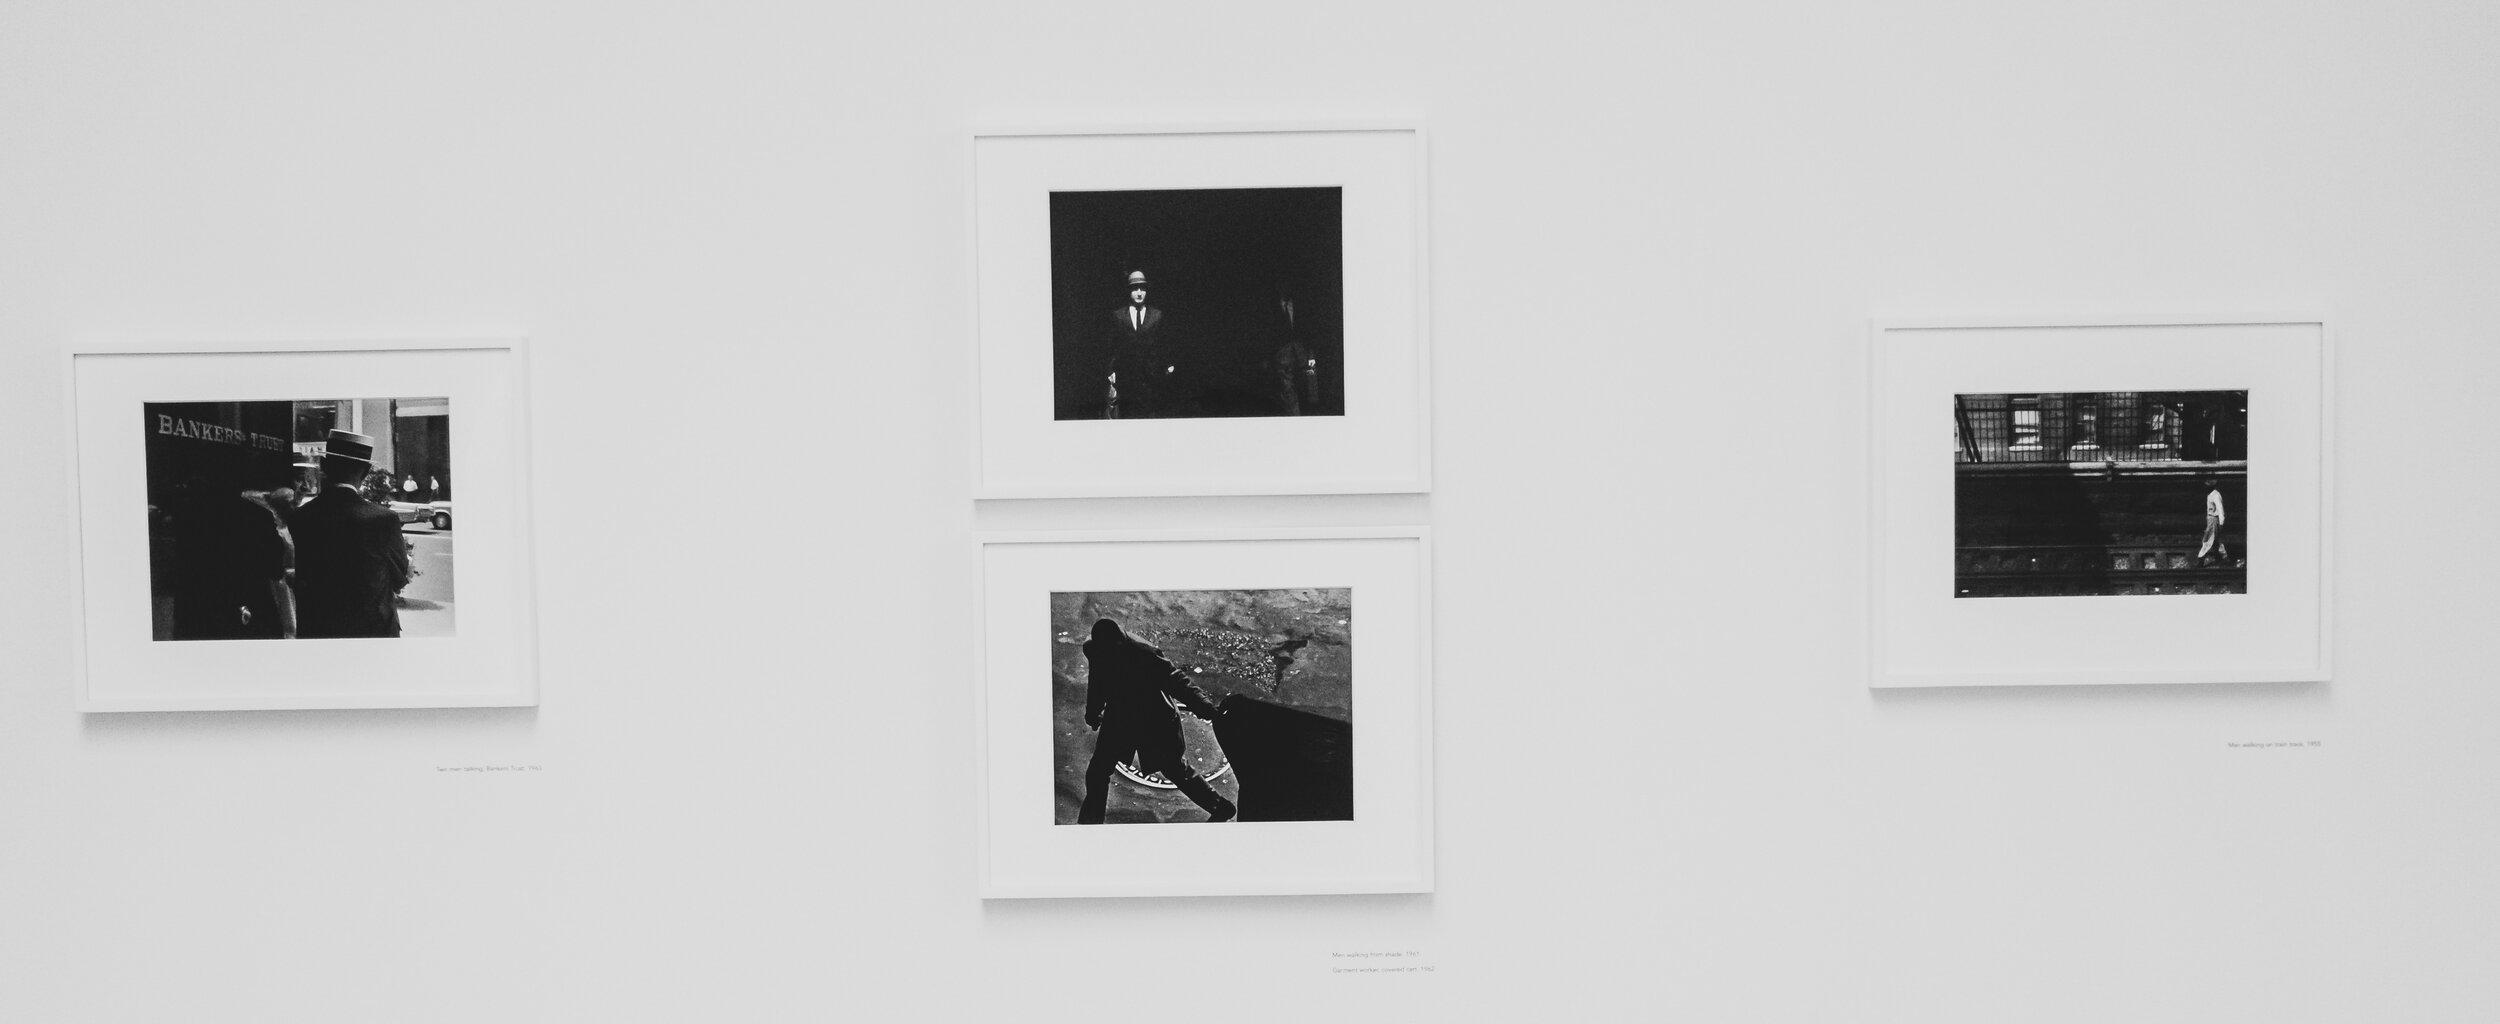 An elegant display of DeCarava's photos.